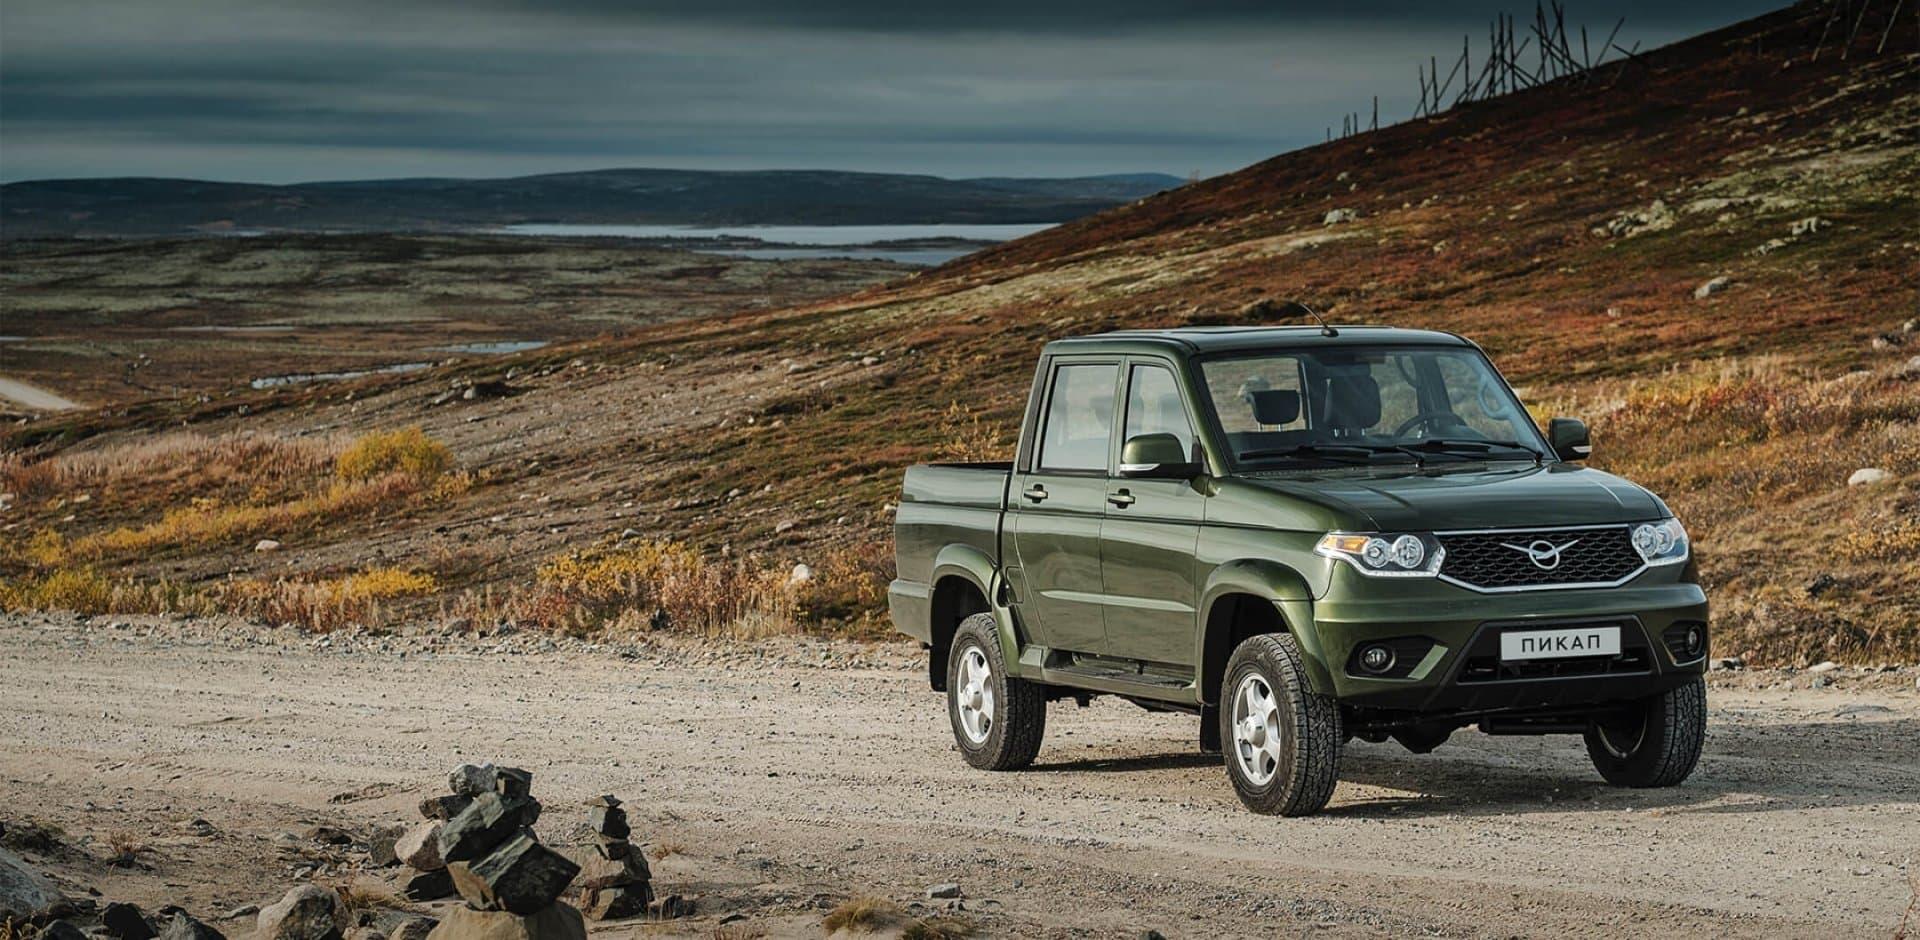 Стоимость УАЗ Пикап с автоматической КПП теперь составит 1,2 миллиона рублей.